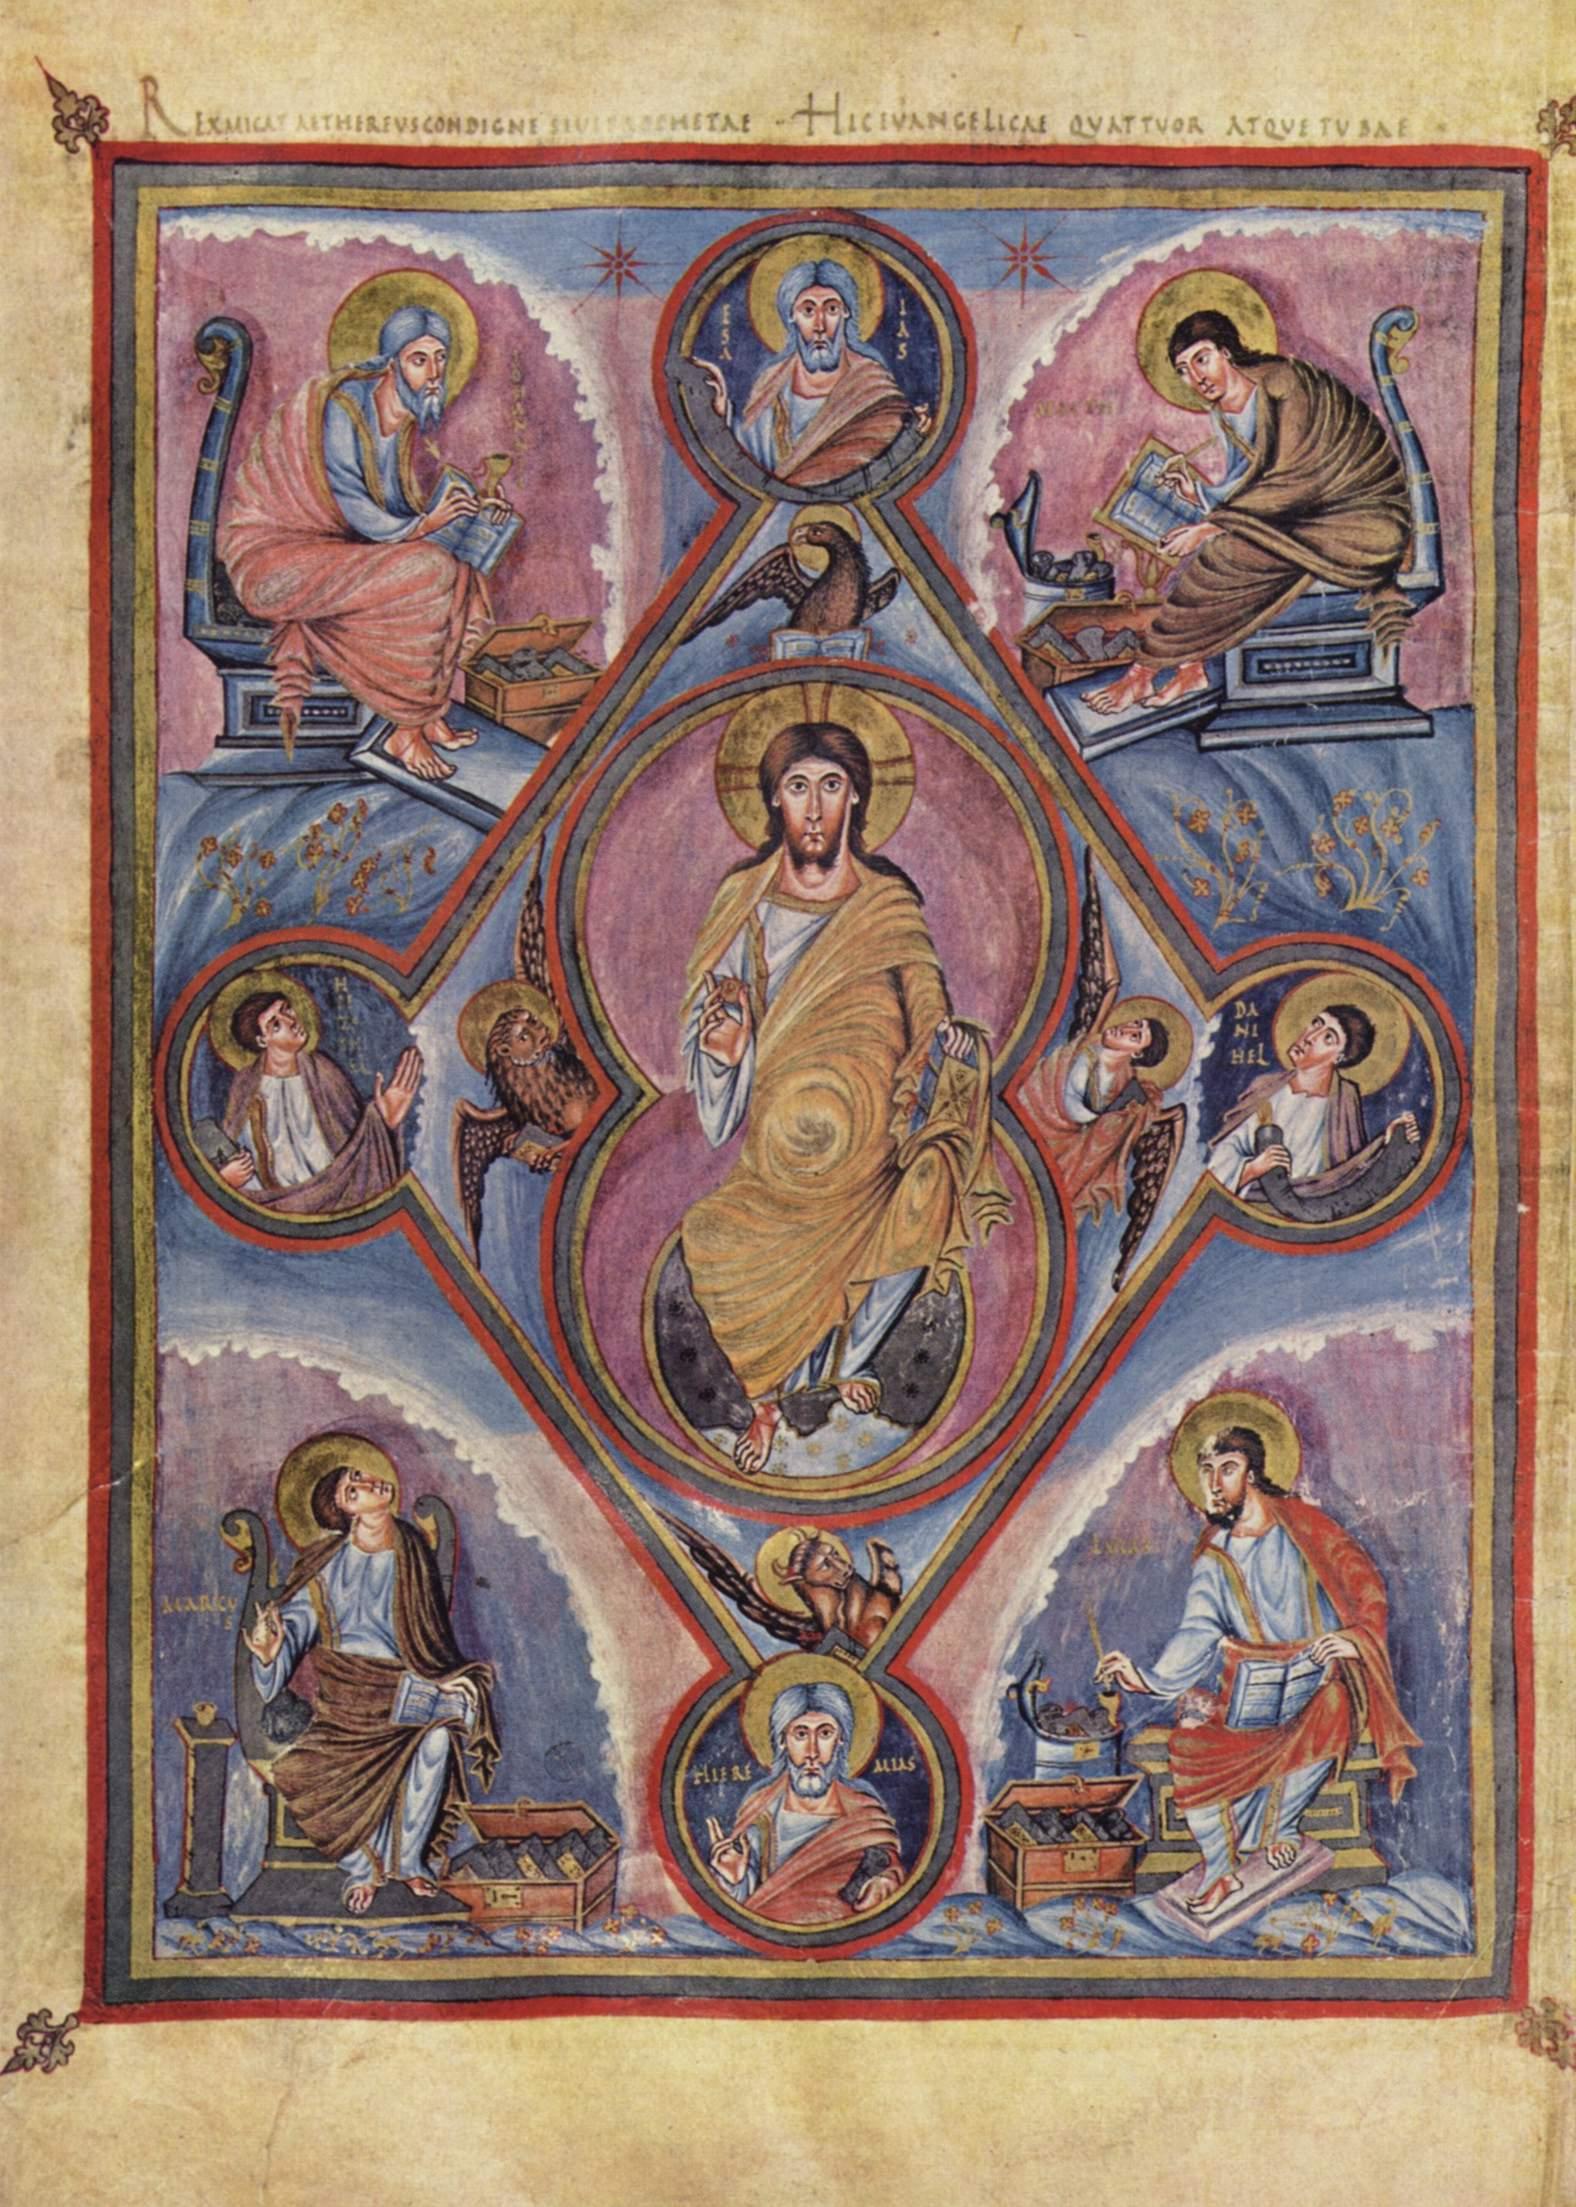 Christ en majeste 844-851 Premiere Bible de Charles le Chauve, BNF fol 329v